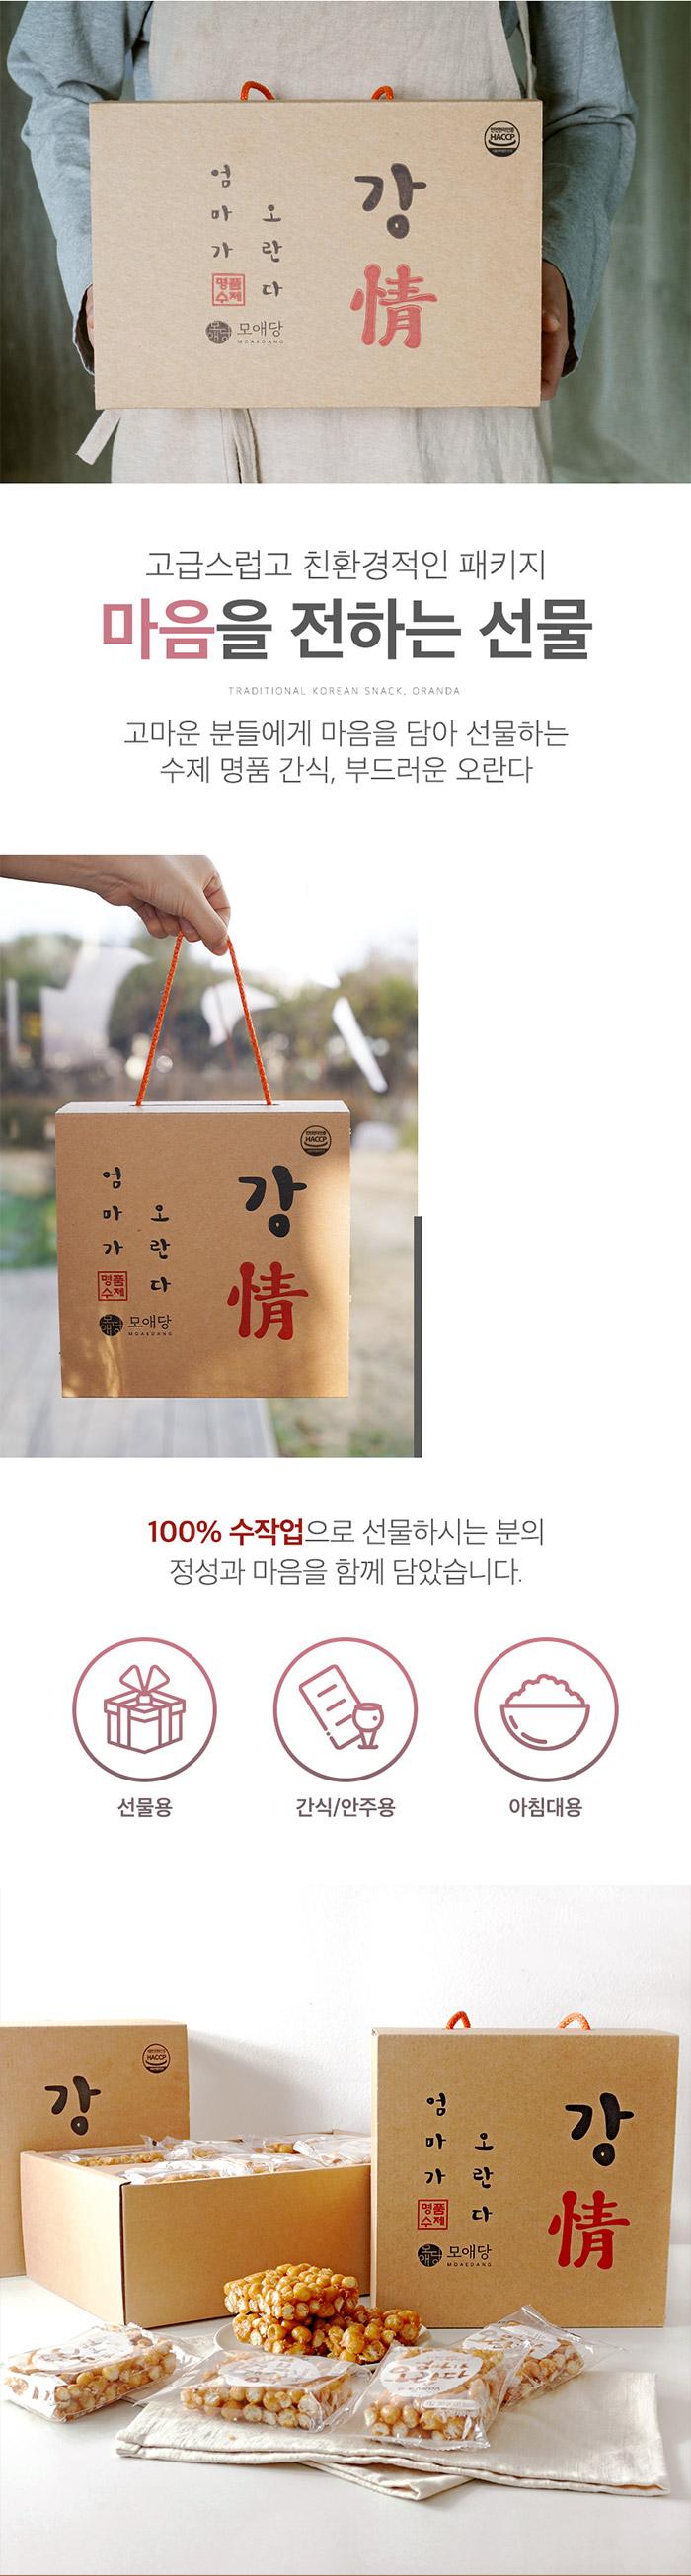 2021-엄마가-오란다-수제강정-상세종합_07.jpg